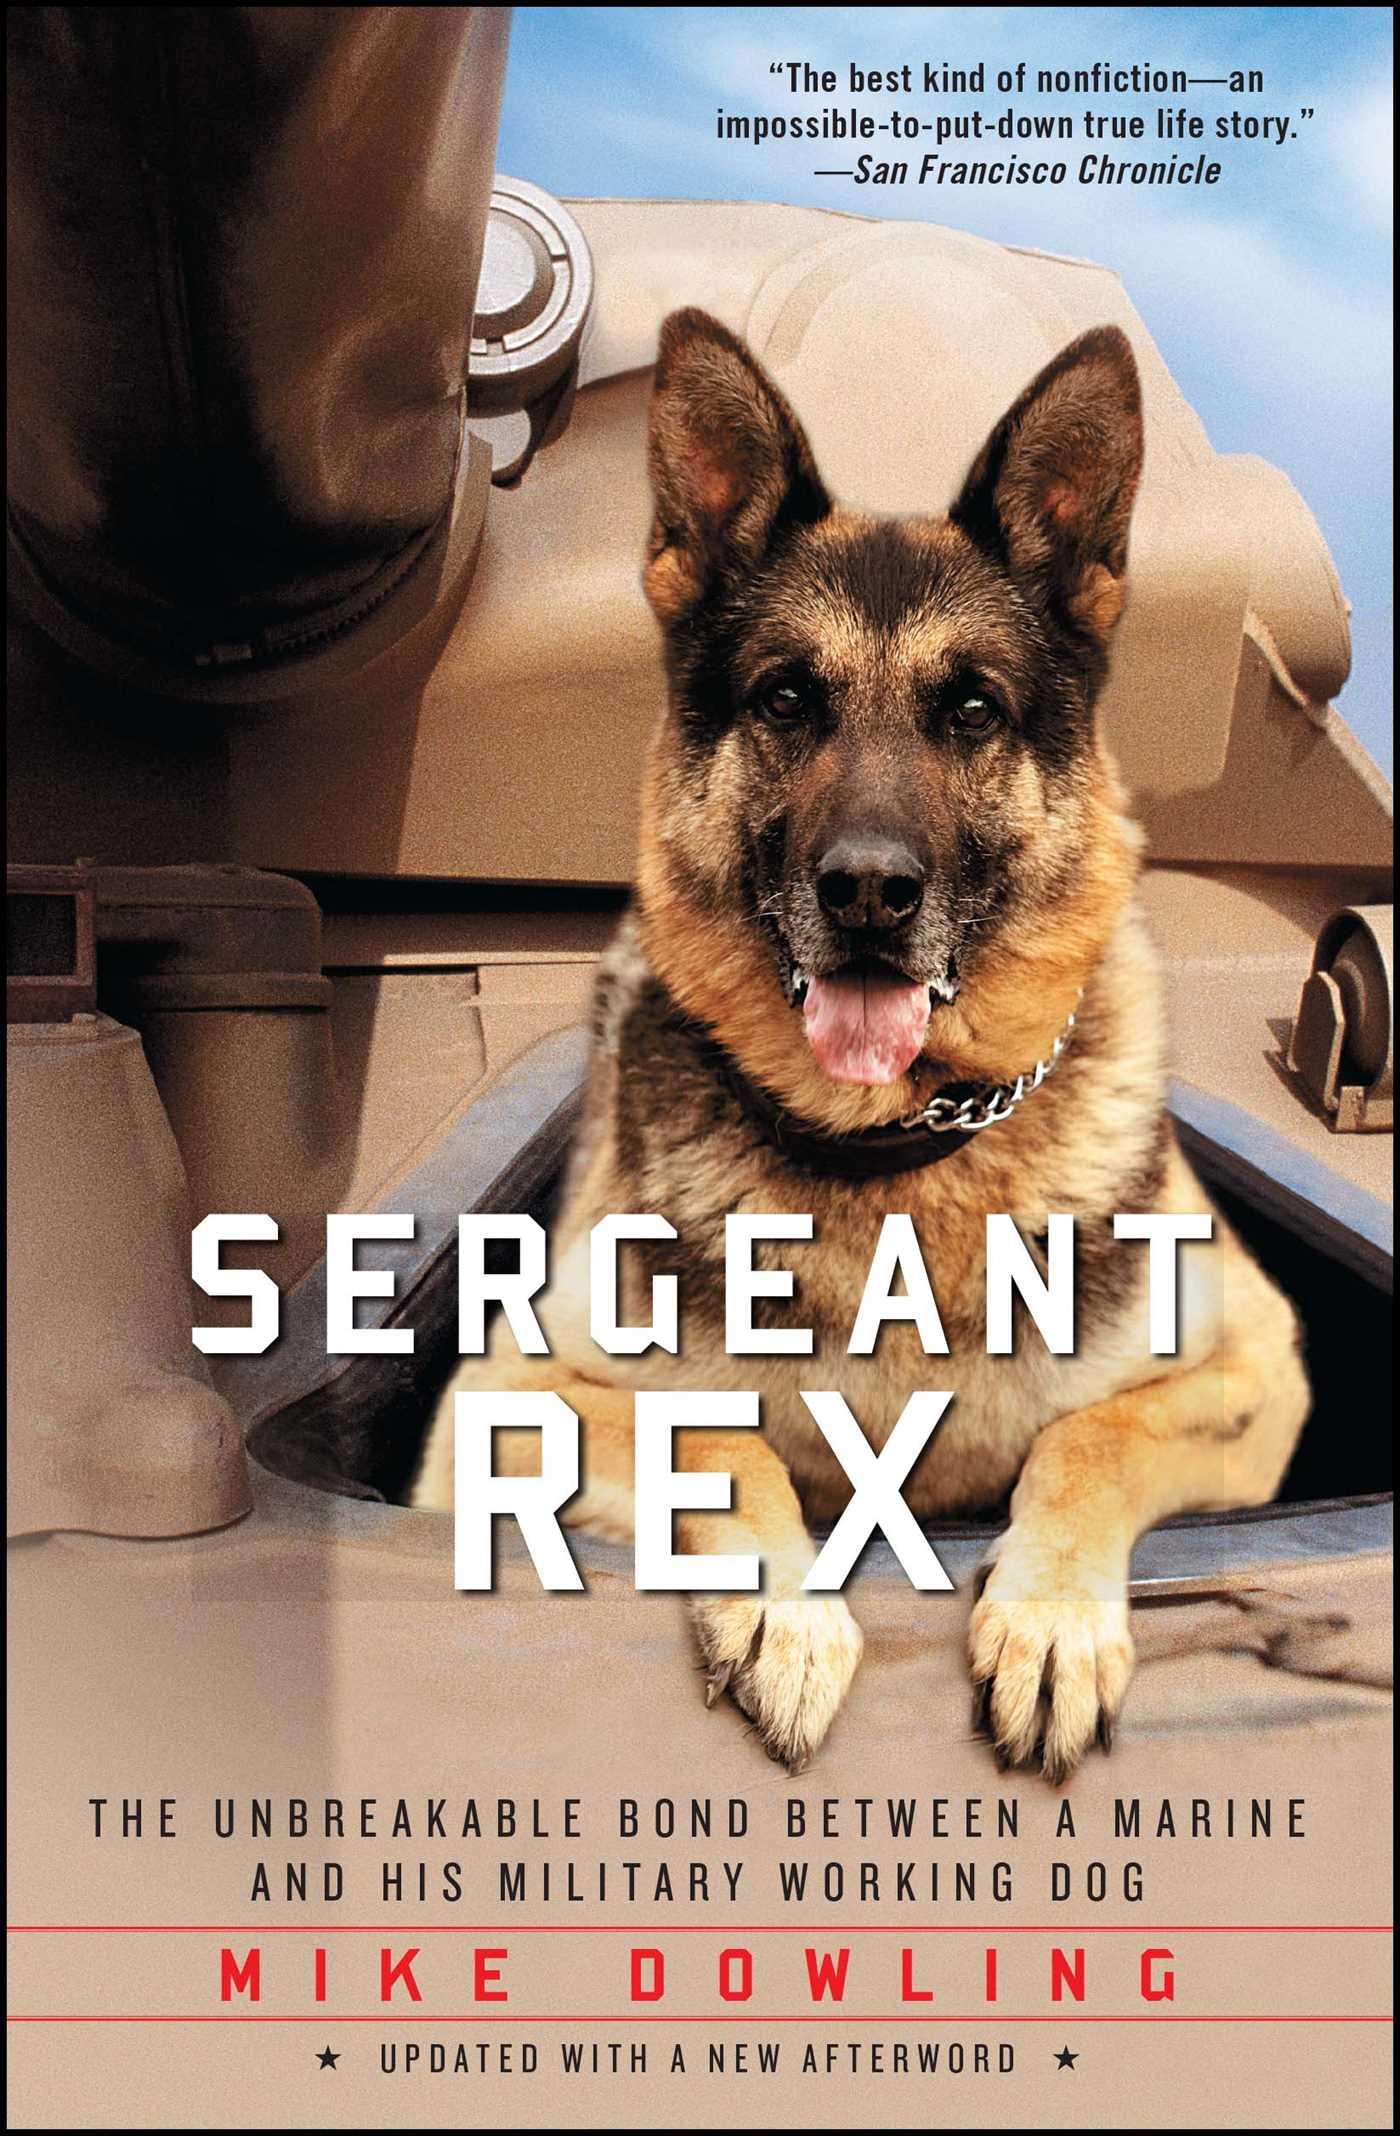 Sergeant rex 9781451635973 hr